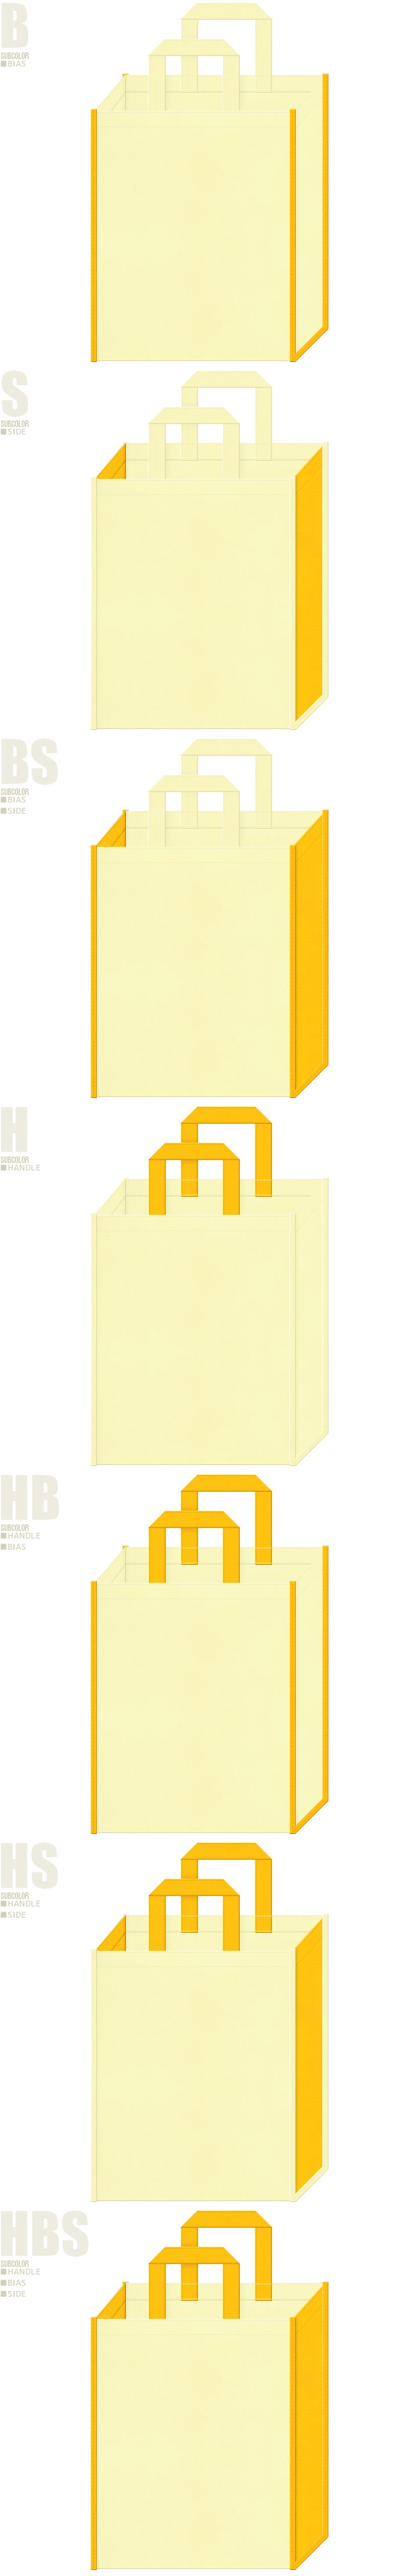 交通安全・通園バッグ・エンジェル・たまご・ひよこ・バター・ポテト・コーンスープ・レモン・バナナ・グレープフルーツ・ビタミン・菜の花・テーマパークにお奨めの不織布バッグデザイン:薄黄色と黄色の配色7パターン。